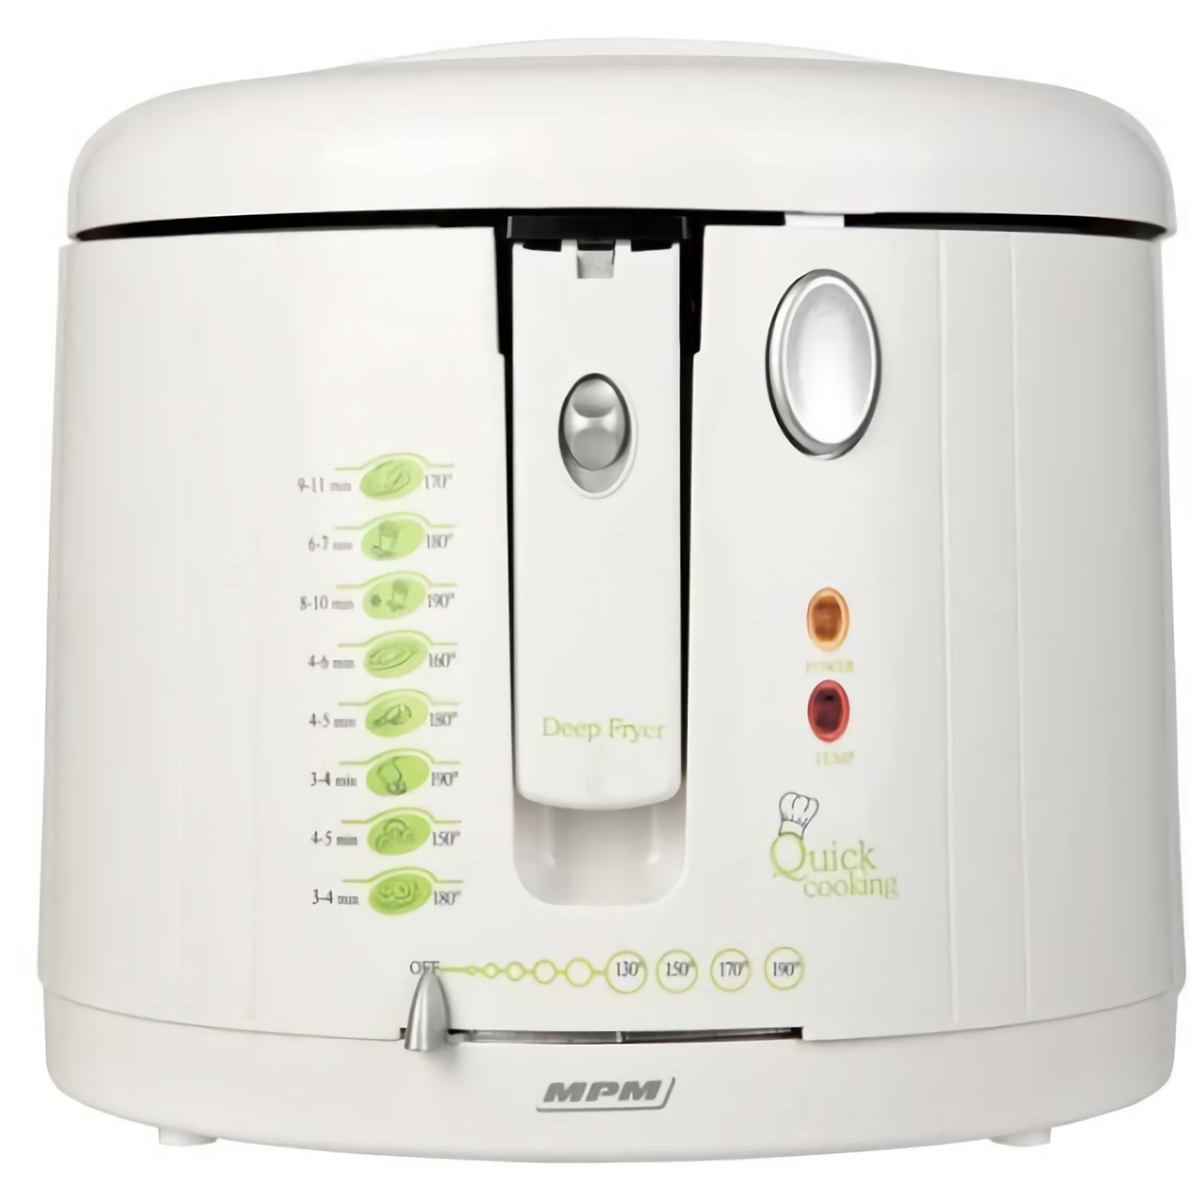 MPM DF-802 Freidora eléctrica compacta 1,9 litros cubeta desmontable lavable antiadherente regulador hasta 190°C, libre BPA, 1600W